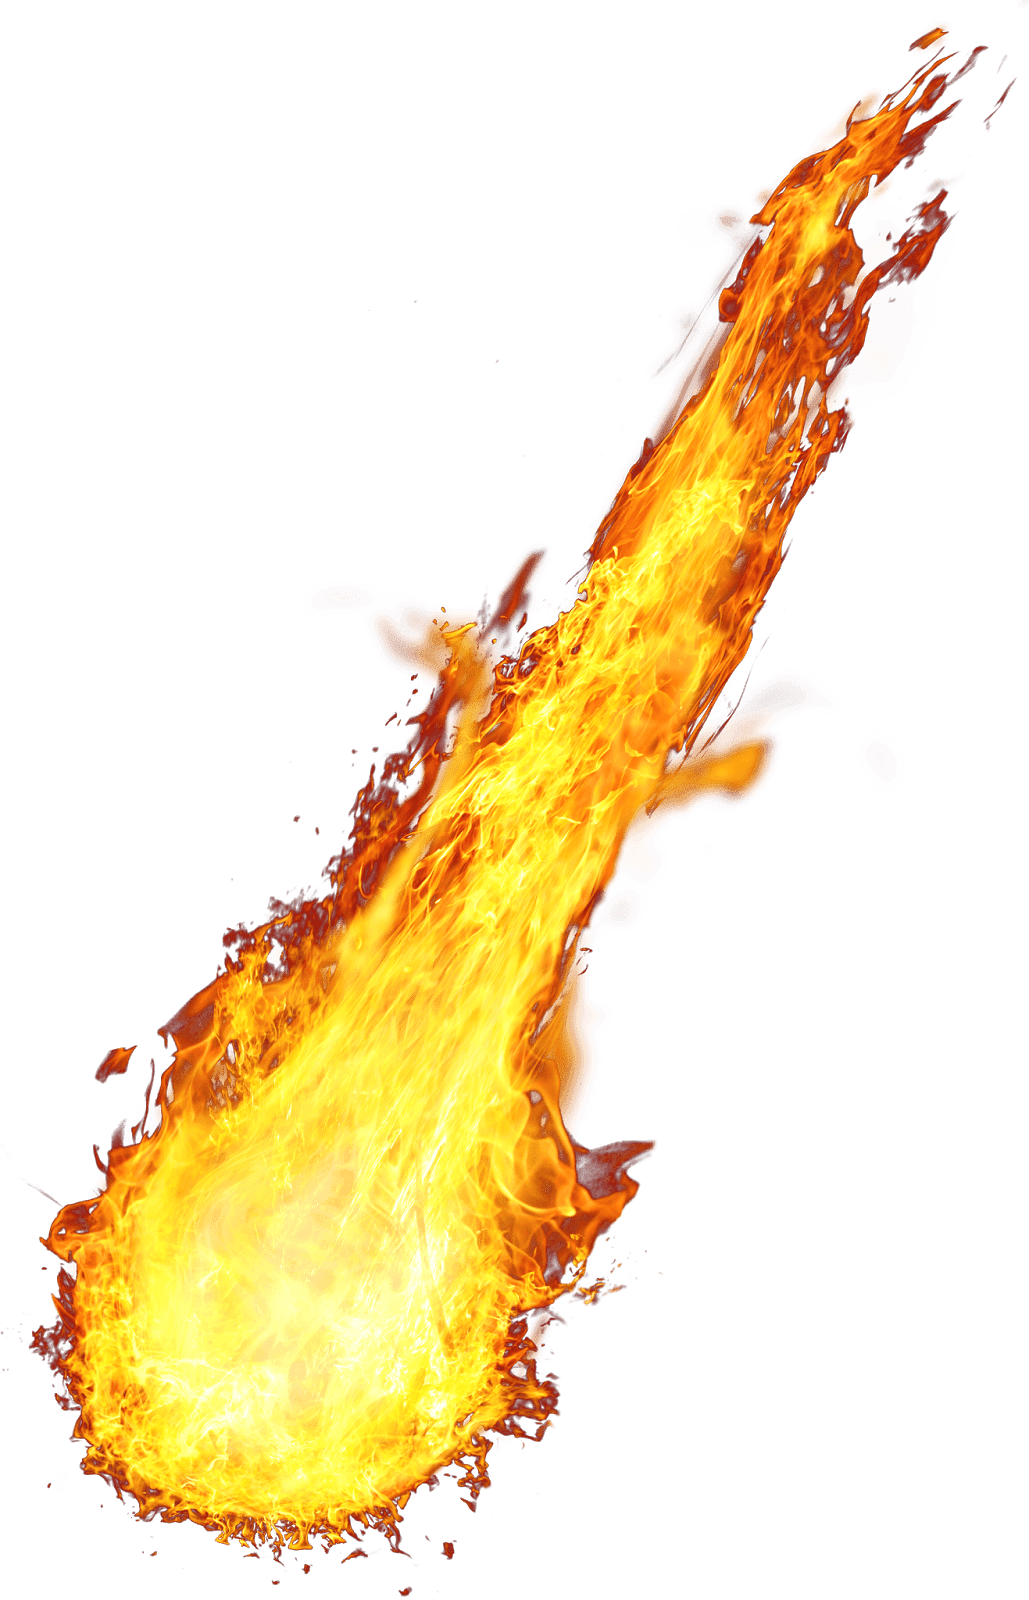 Meteoroid meteorite clip art. Clipart flames orange flame